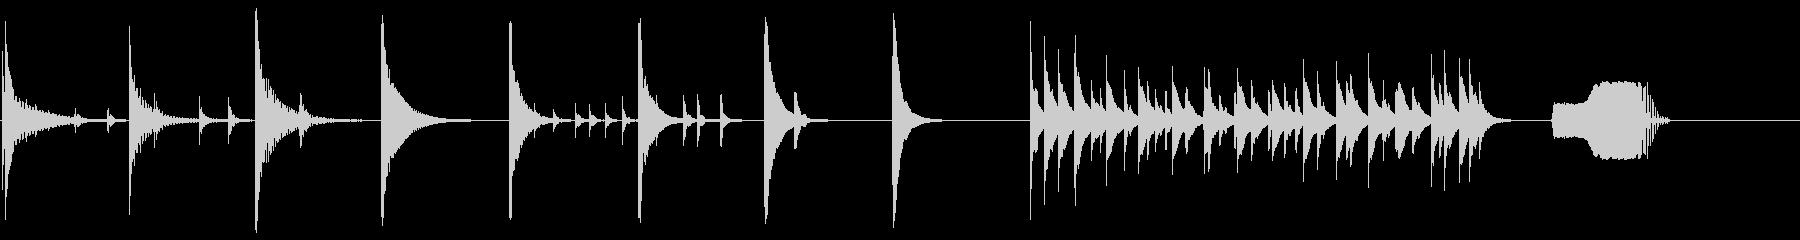 ウッドキシロフォン:TENSION...の未再生の波形